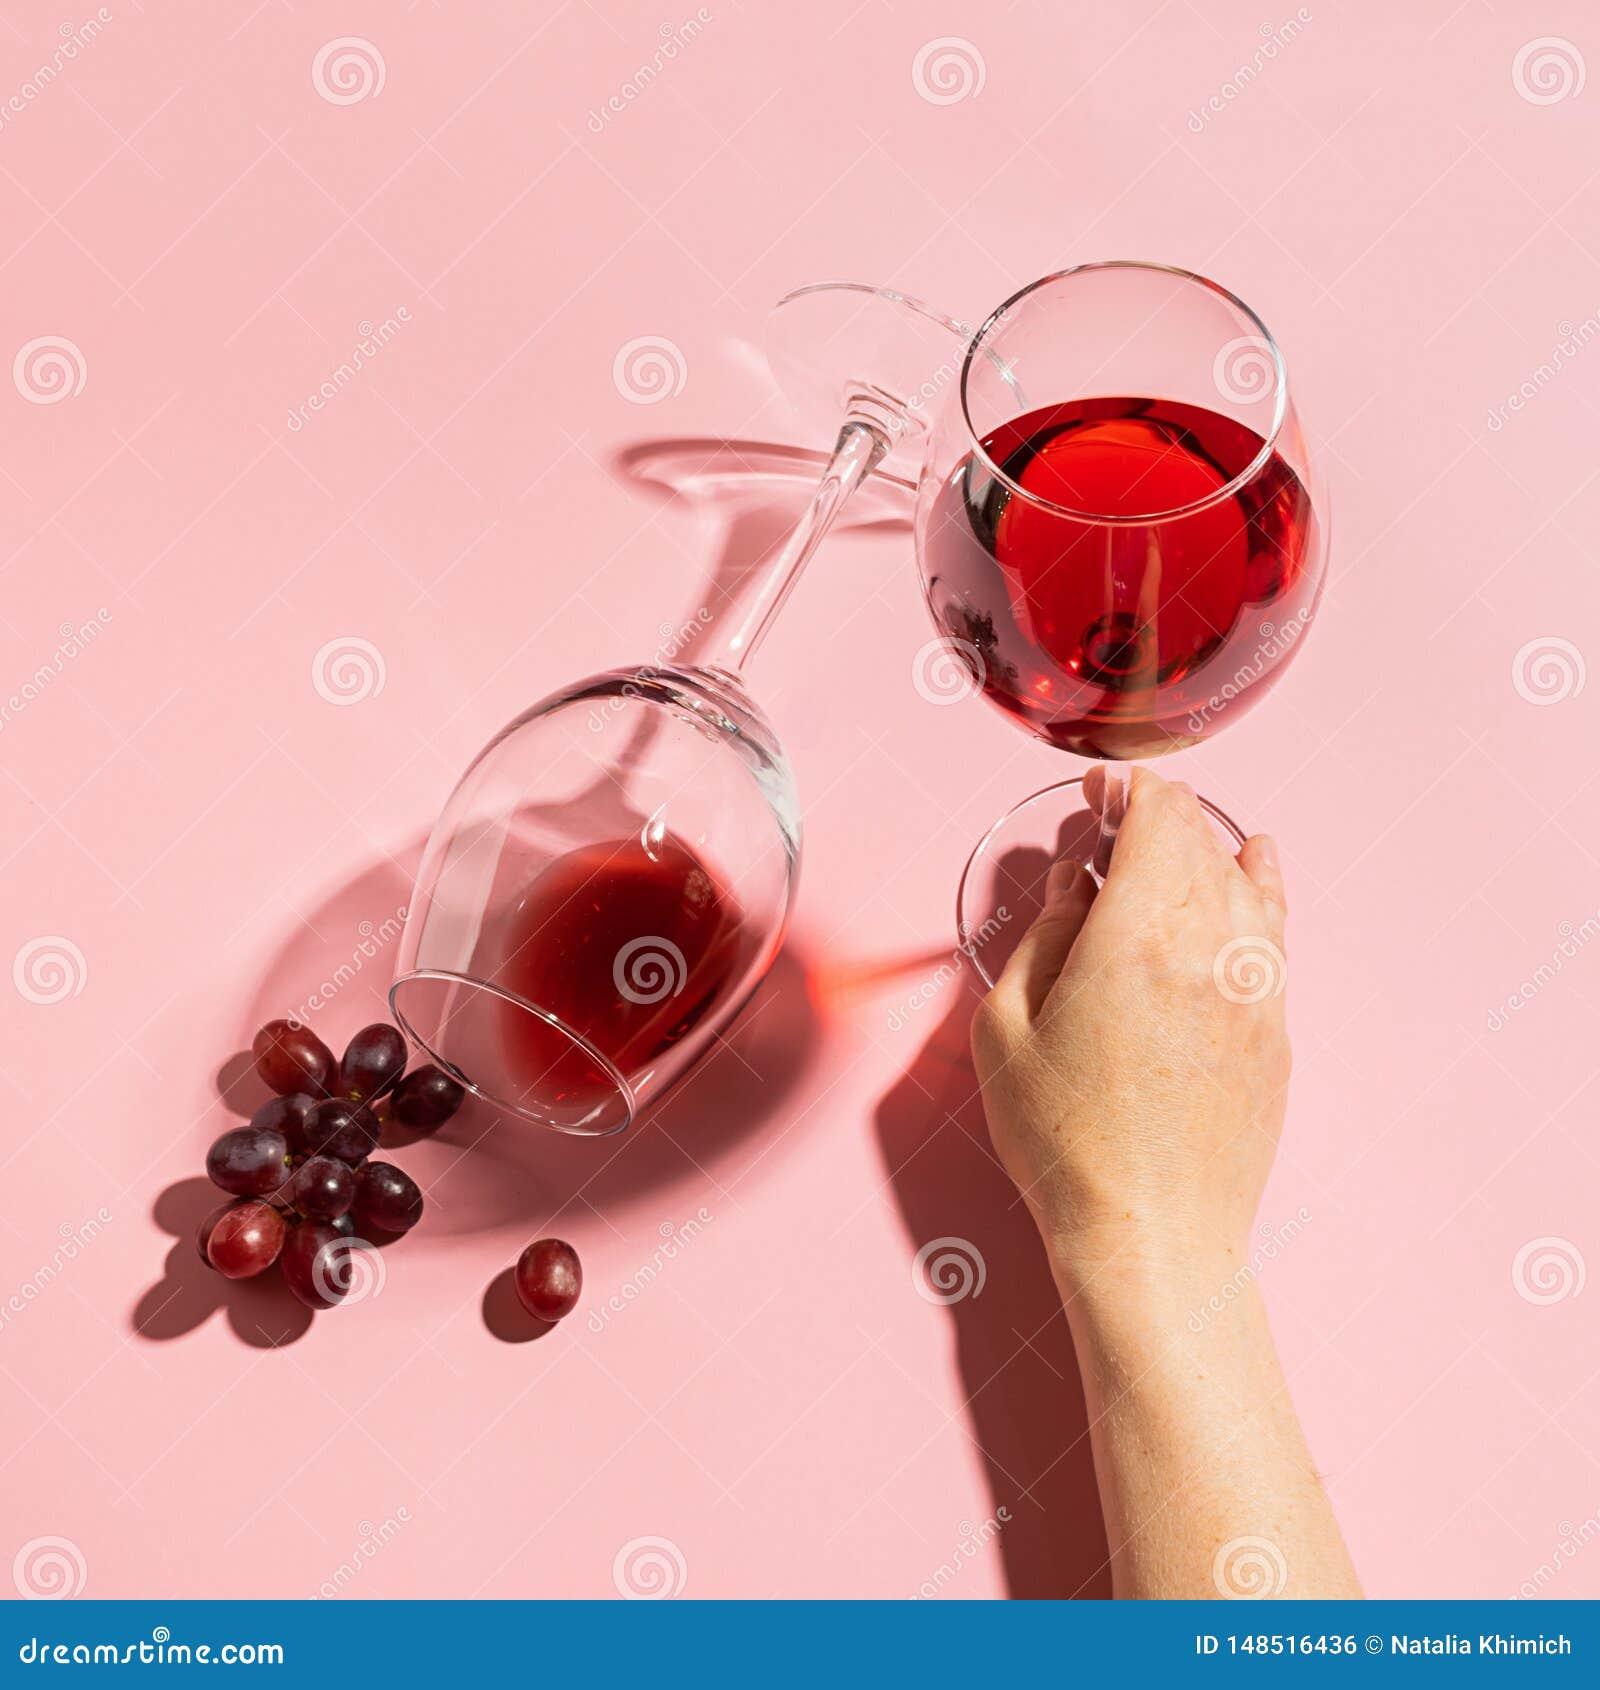 Żeńska ręka trzyma szkło z czerwonym winem i wiązką winogrona na delikatnym różowym tle Selekcyjna ostro?? minimalista